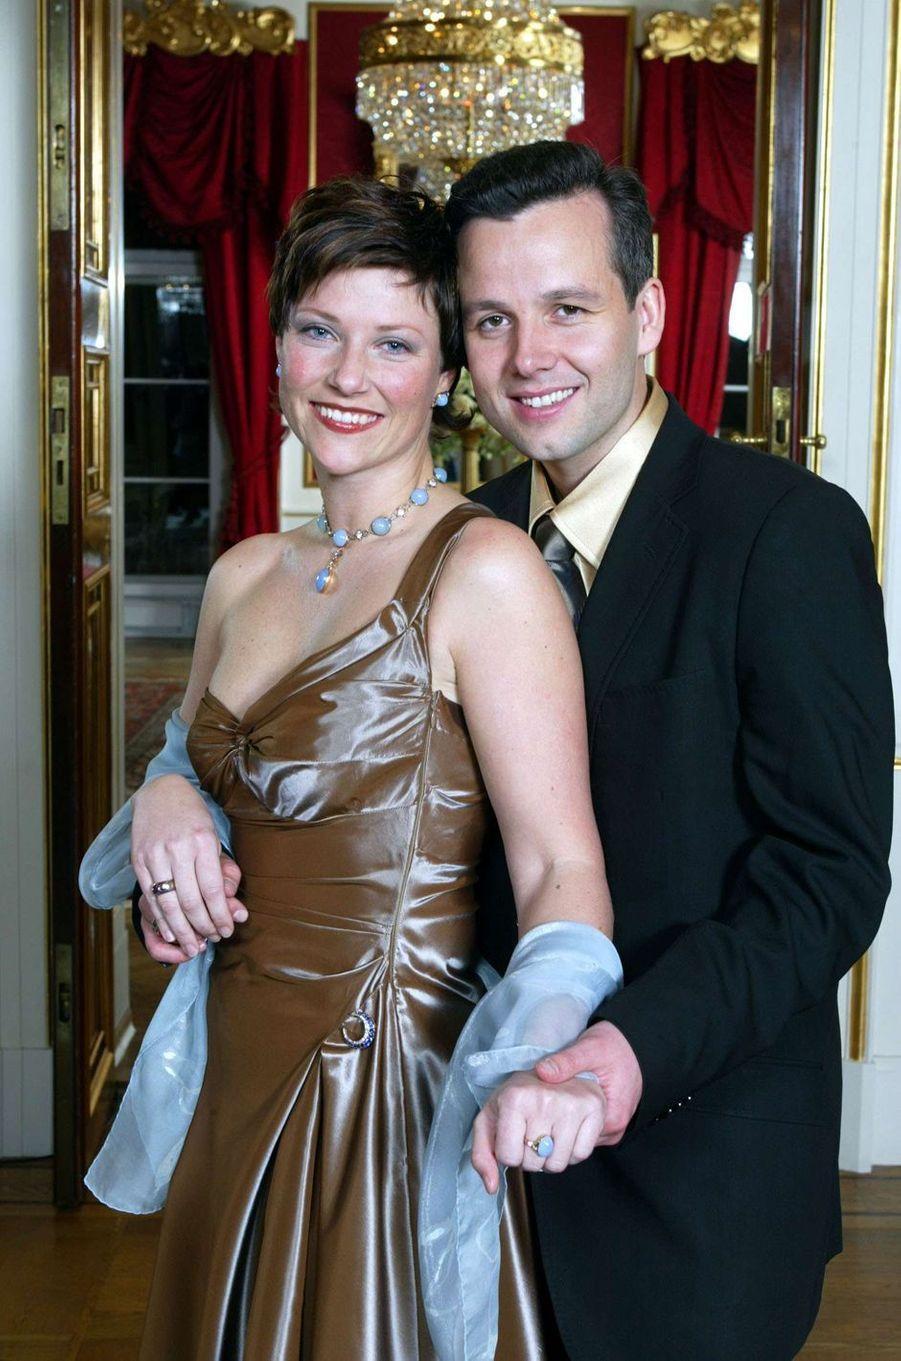 La princesse Märtha Louise de Norvège et Ari Behn lors de l'annonce de leurs fiançailles, le 13 décembre 2001